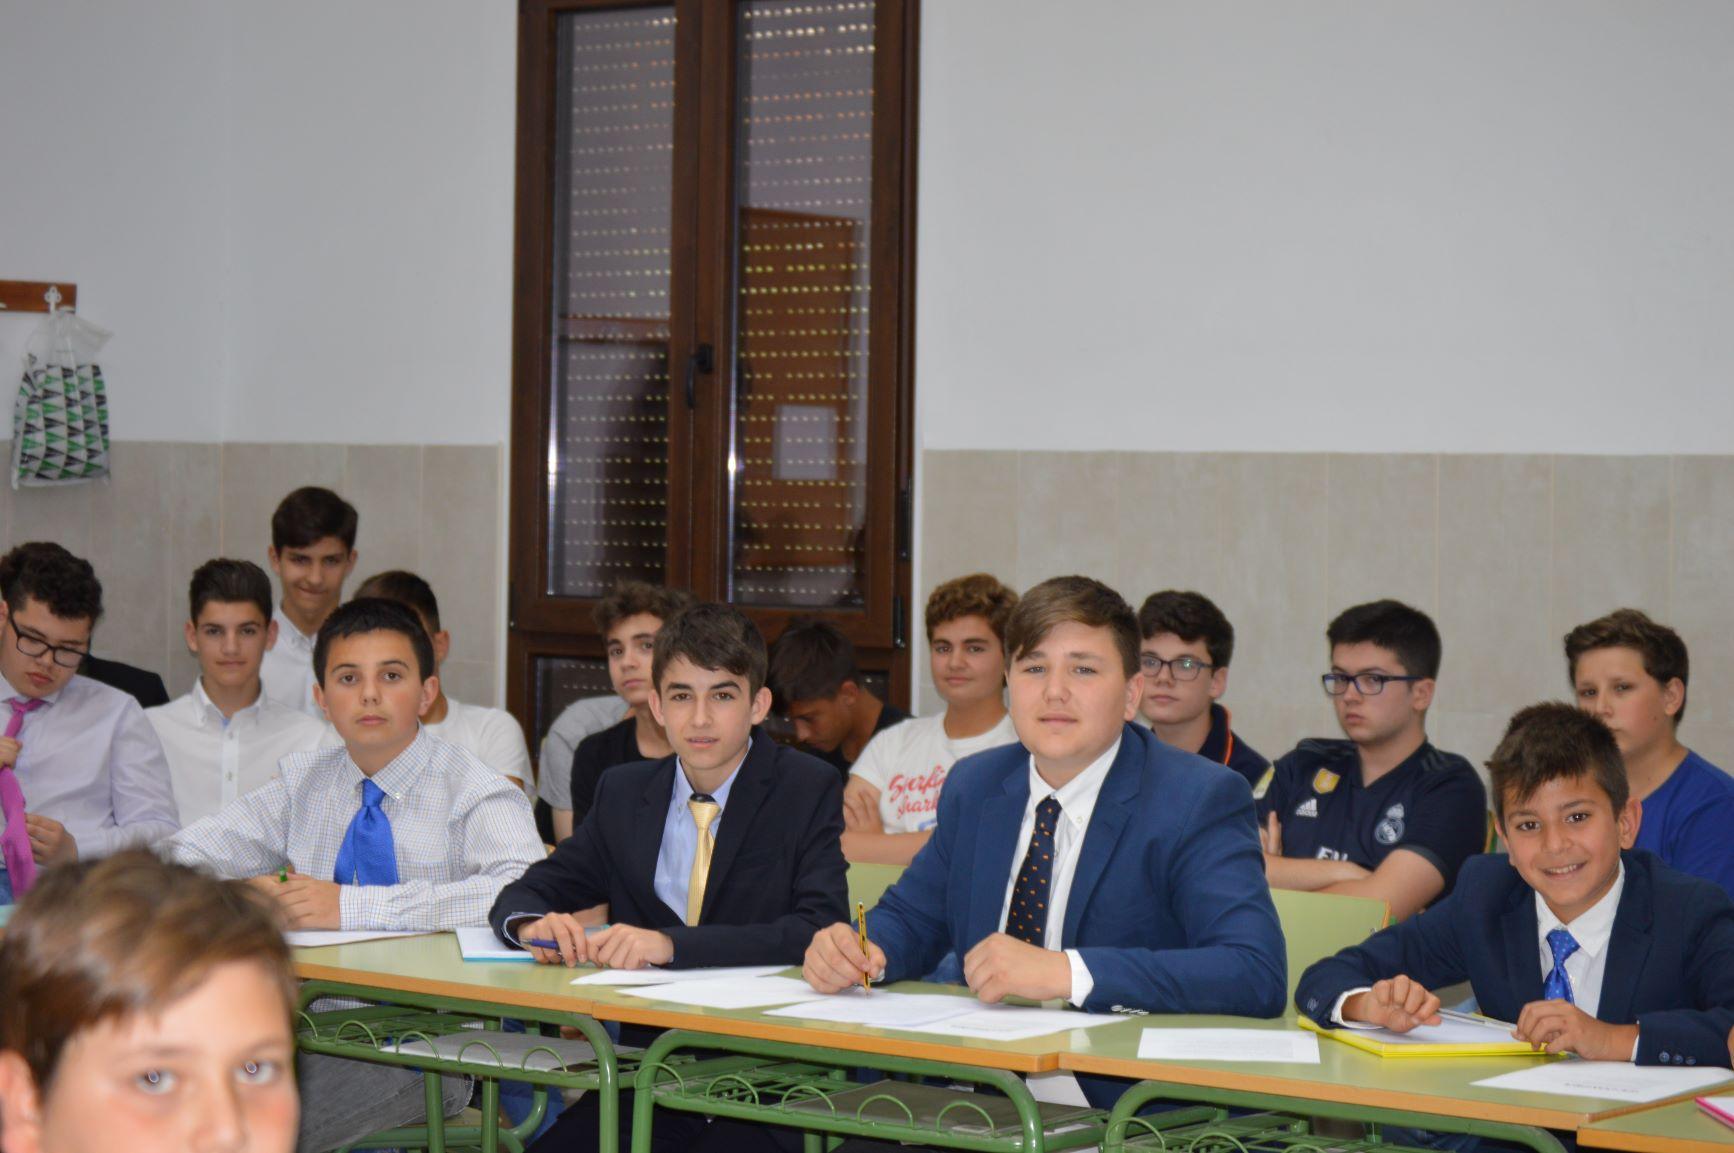 Finales del I Torneo de debate escolar de los alumnos de 1º y 2º de ESO